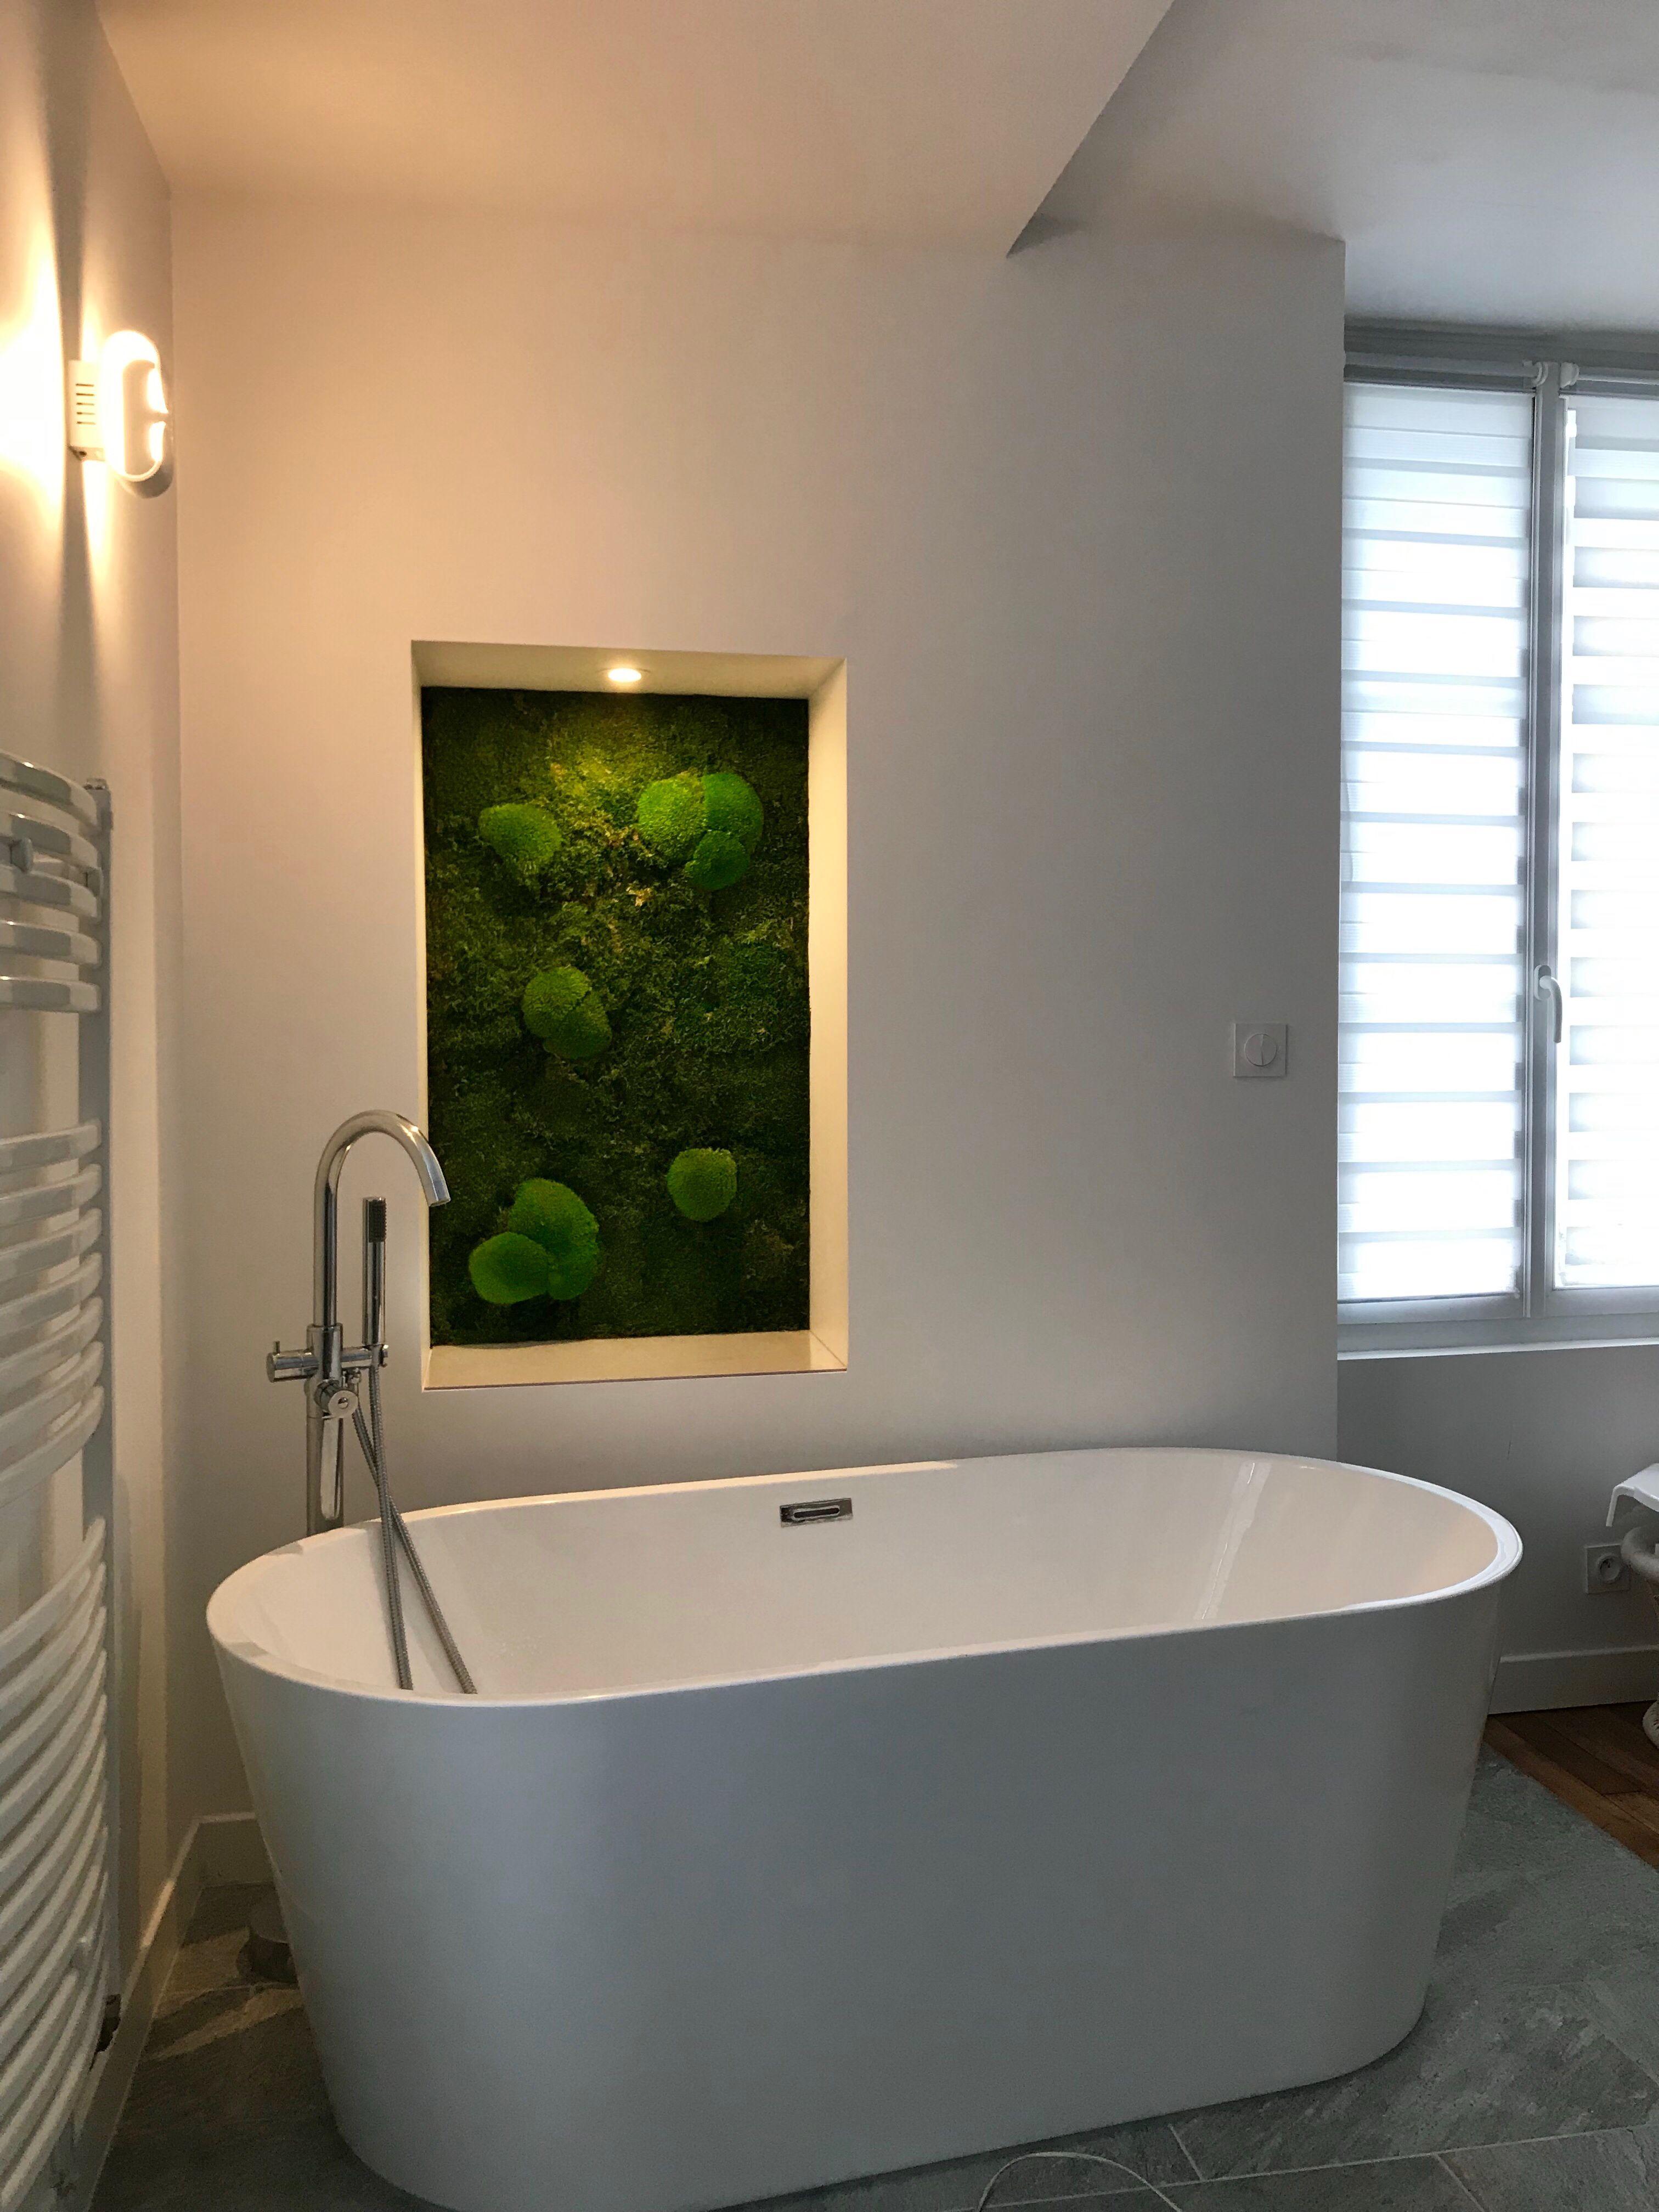 21+ Mur vegetal artificiel salle de bain ideas